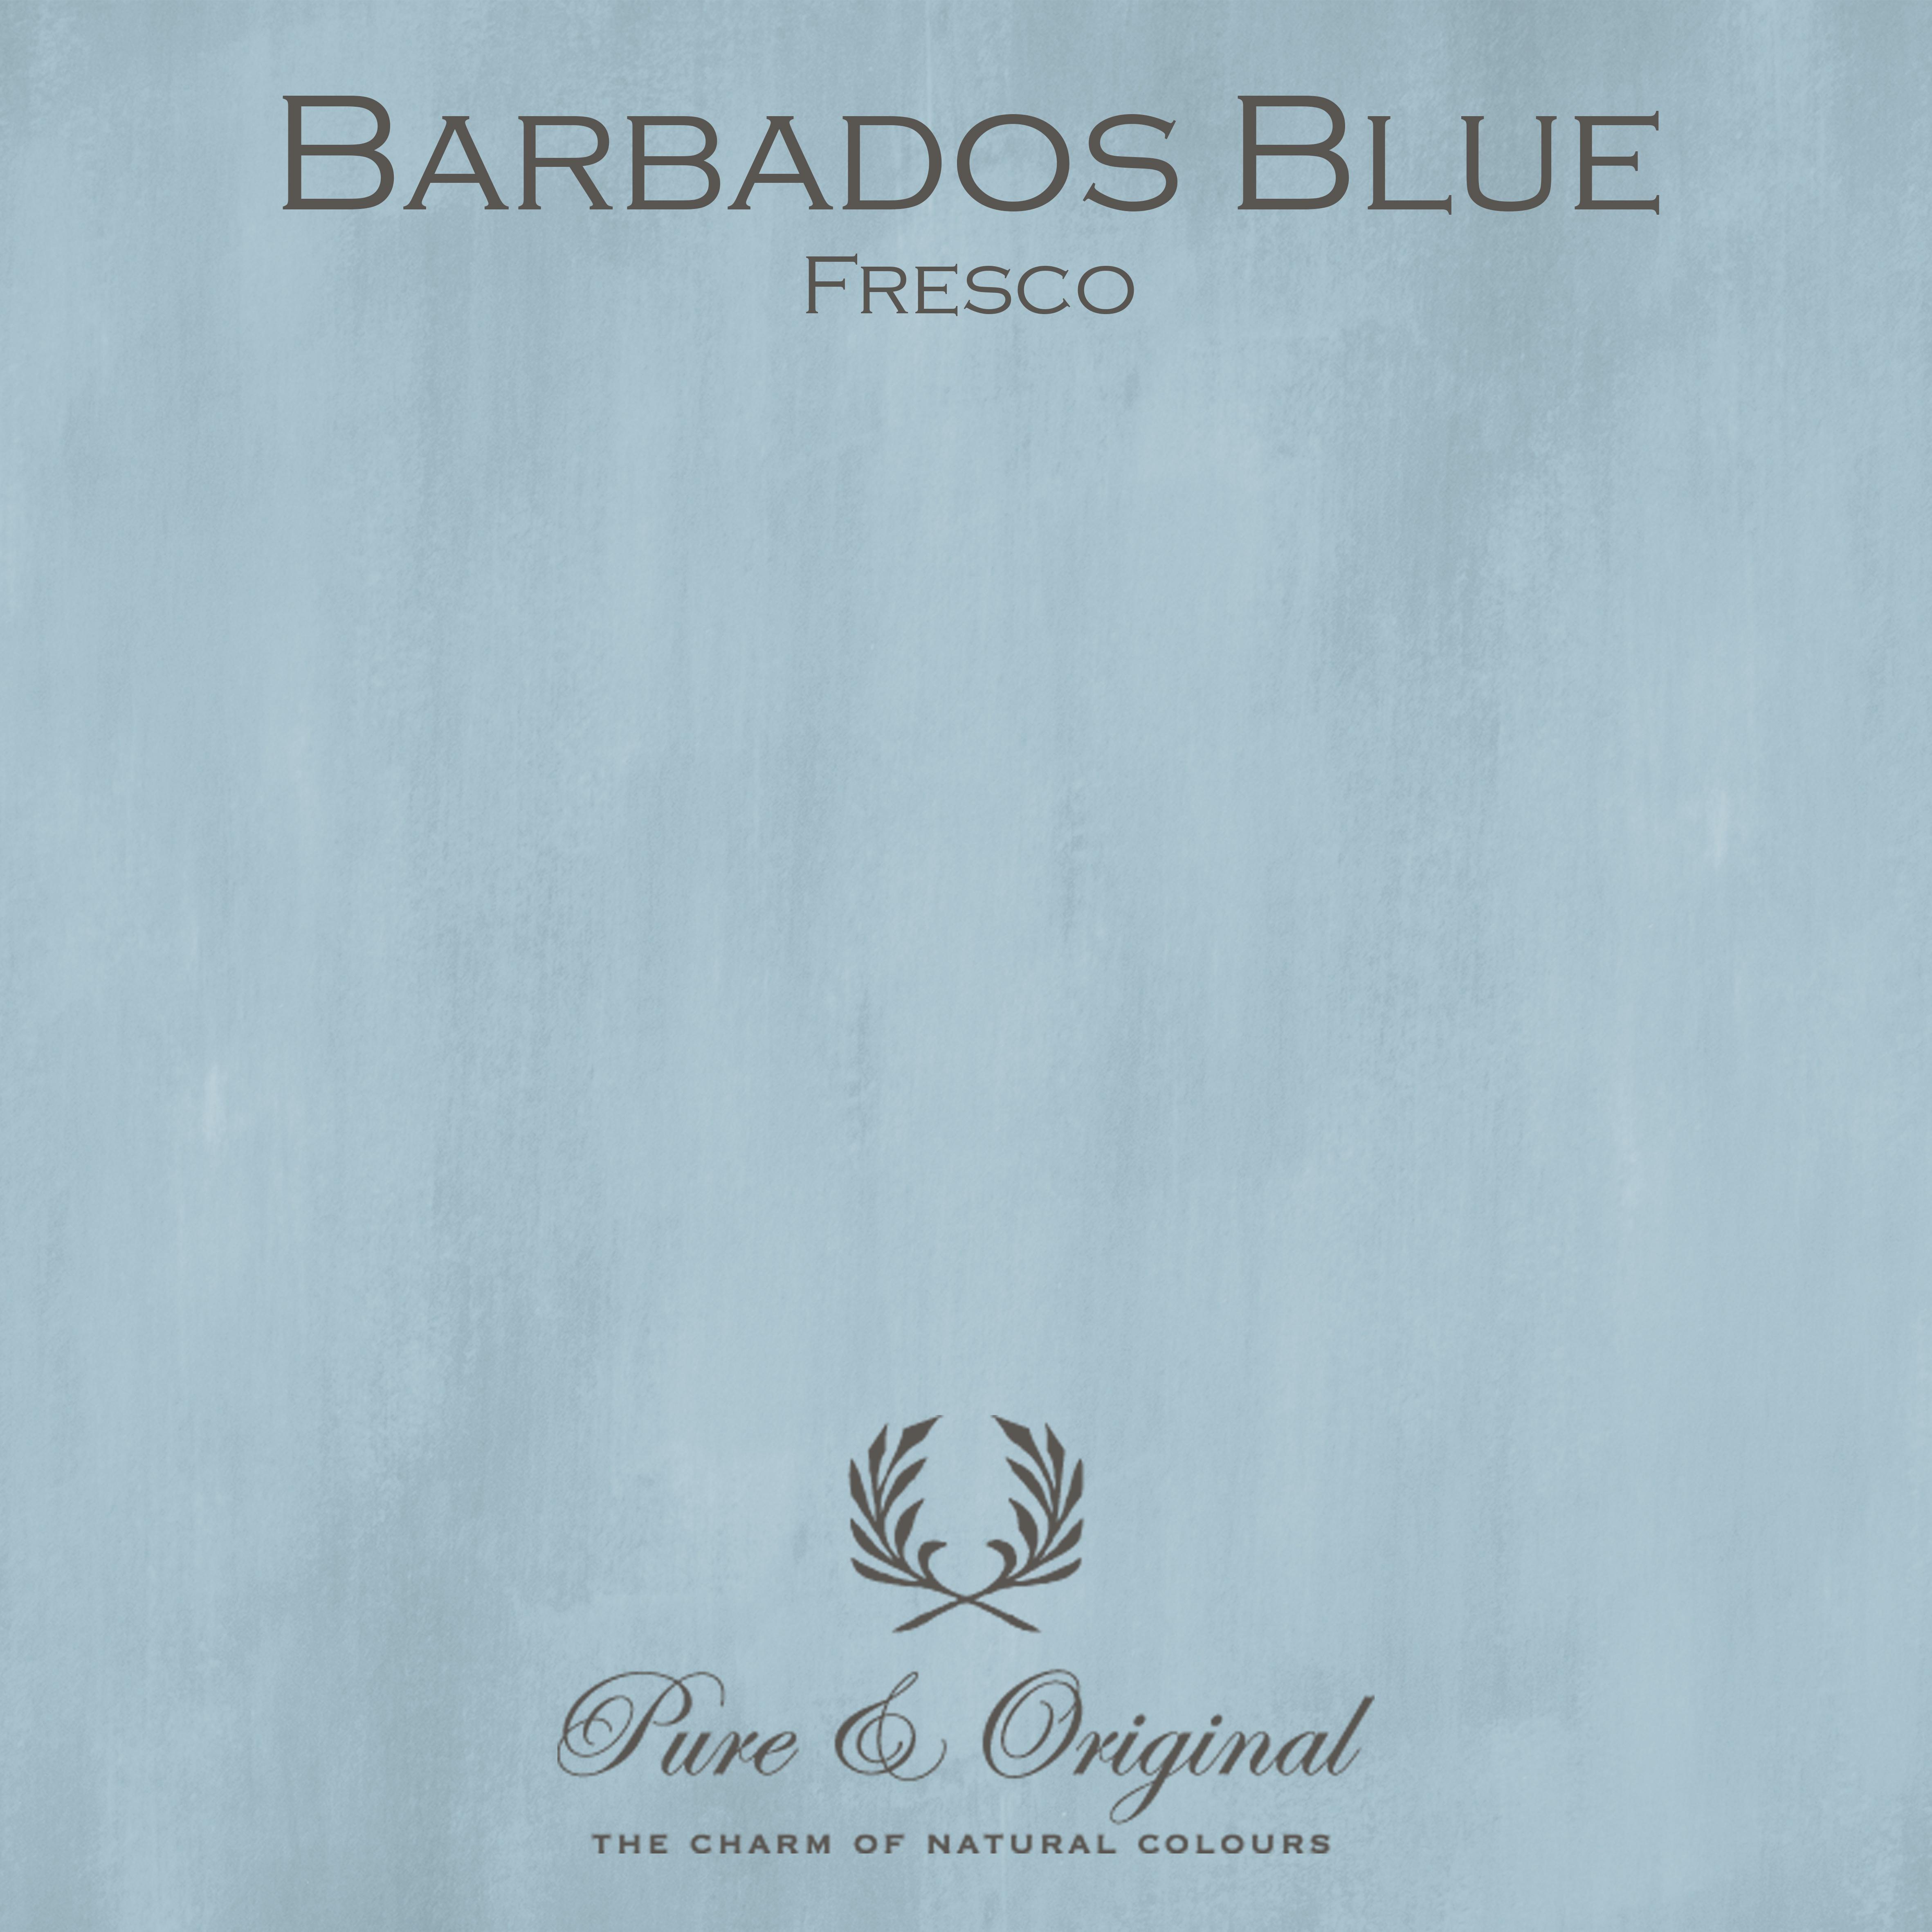 Kulör Barbados Blue, Fresco kalkfärg